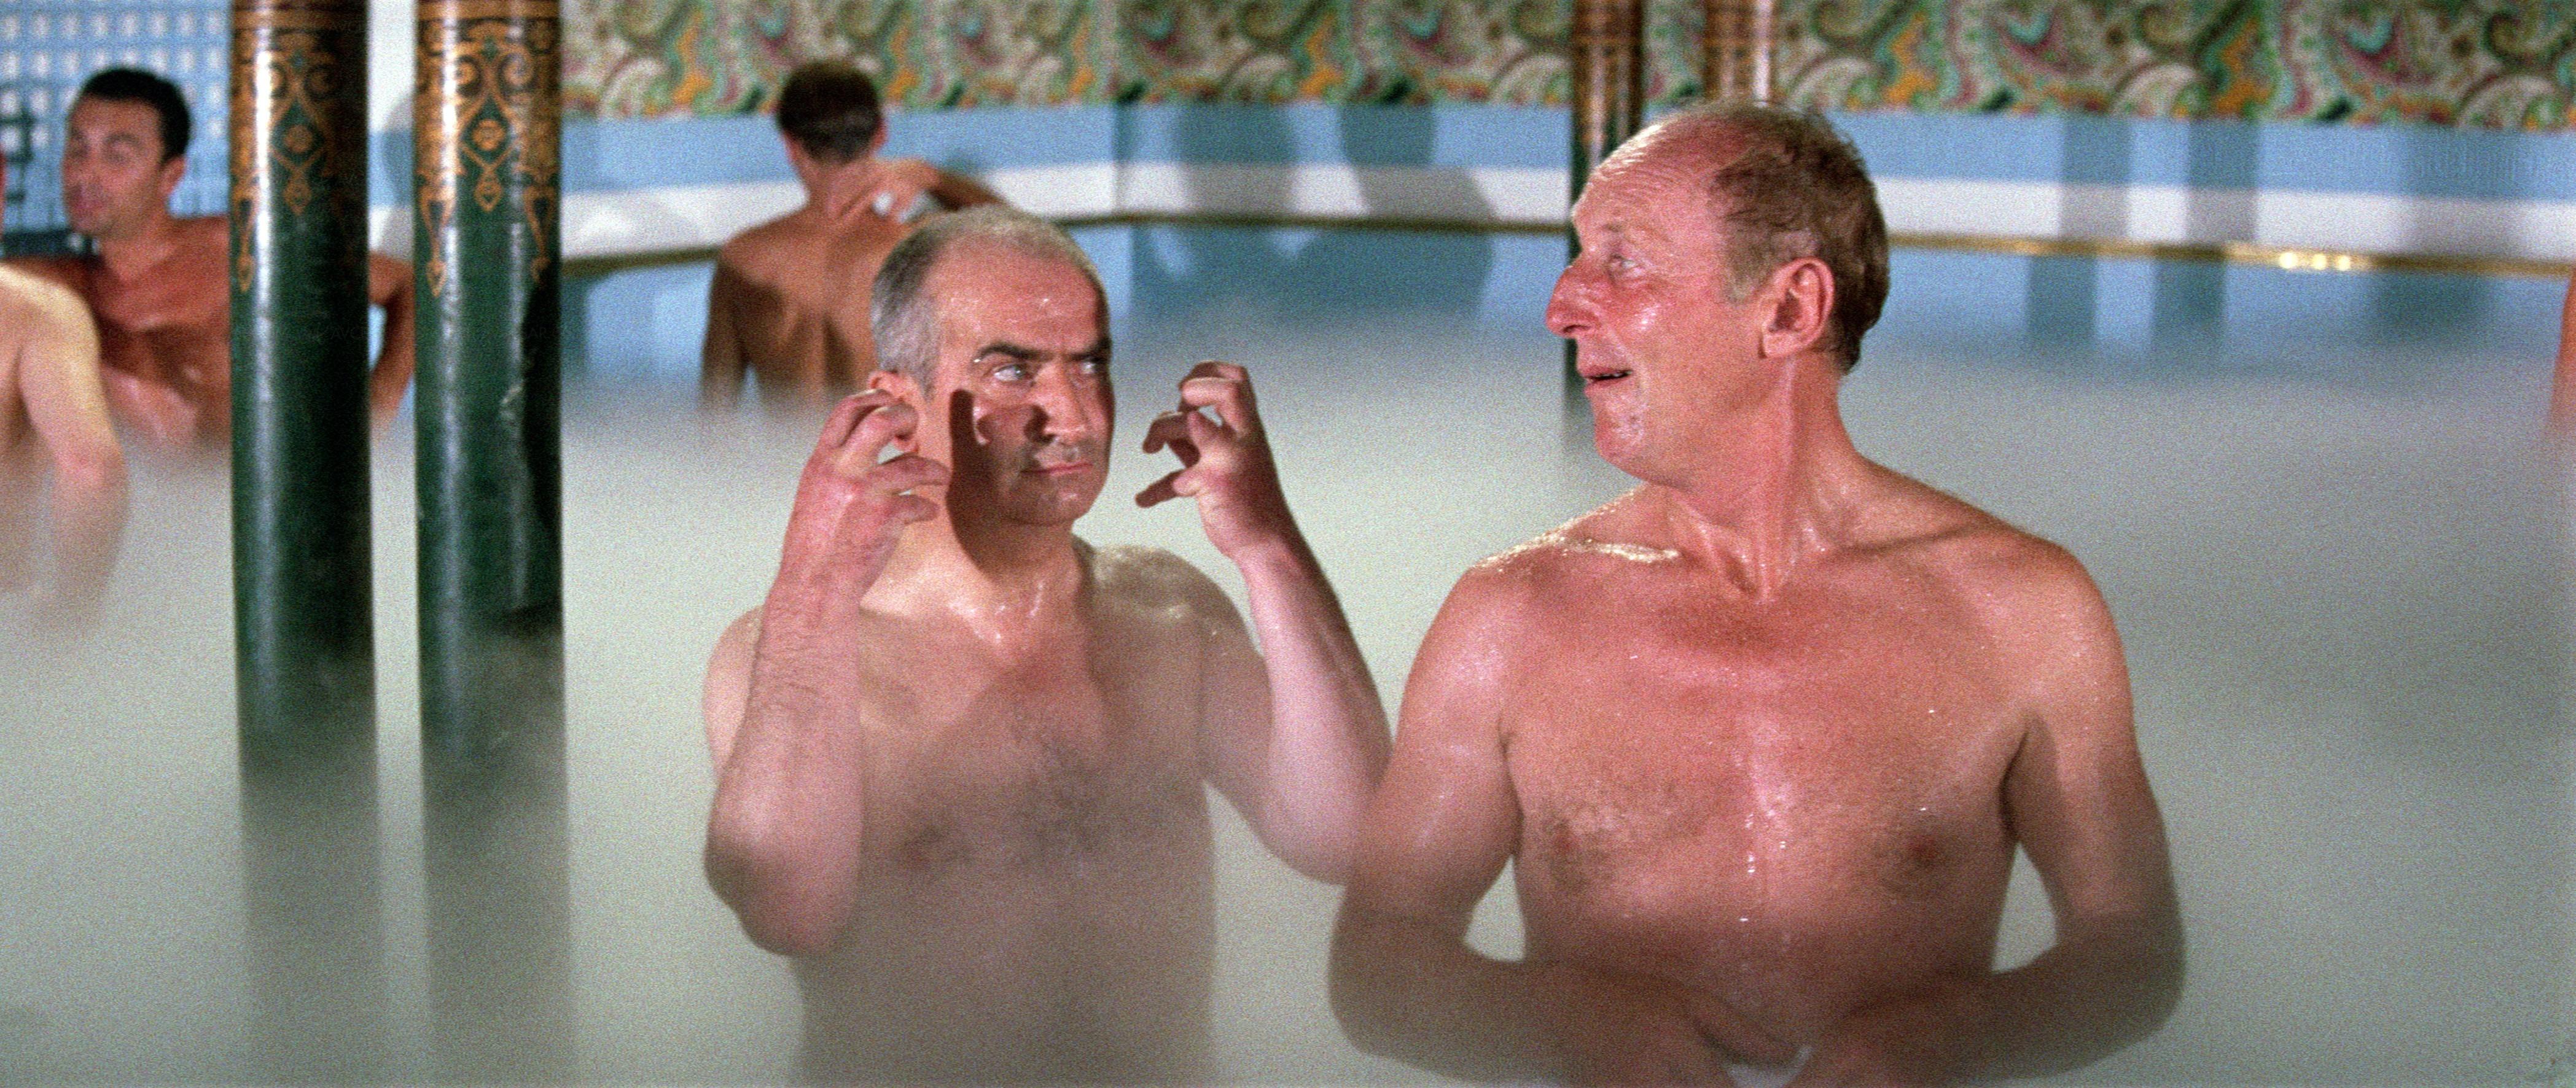 Un bain bien chaud dans le plus simple appareil nue - 3 3